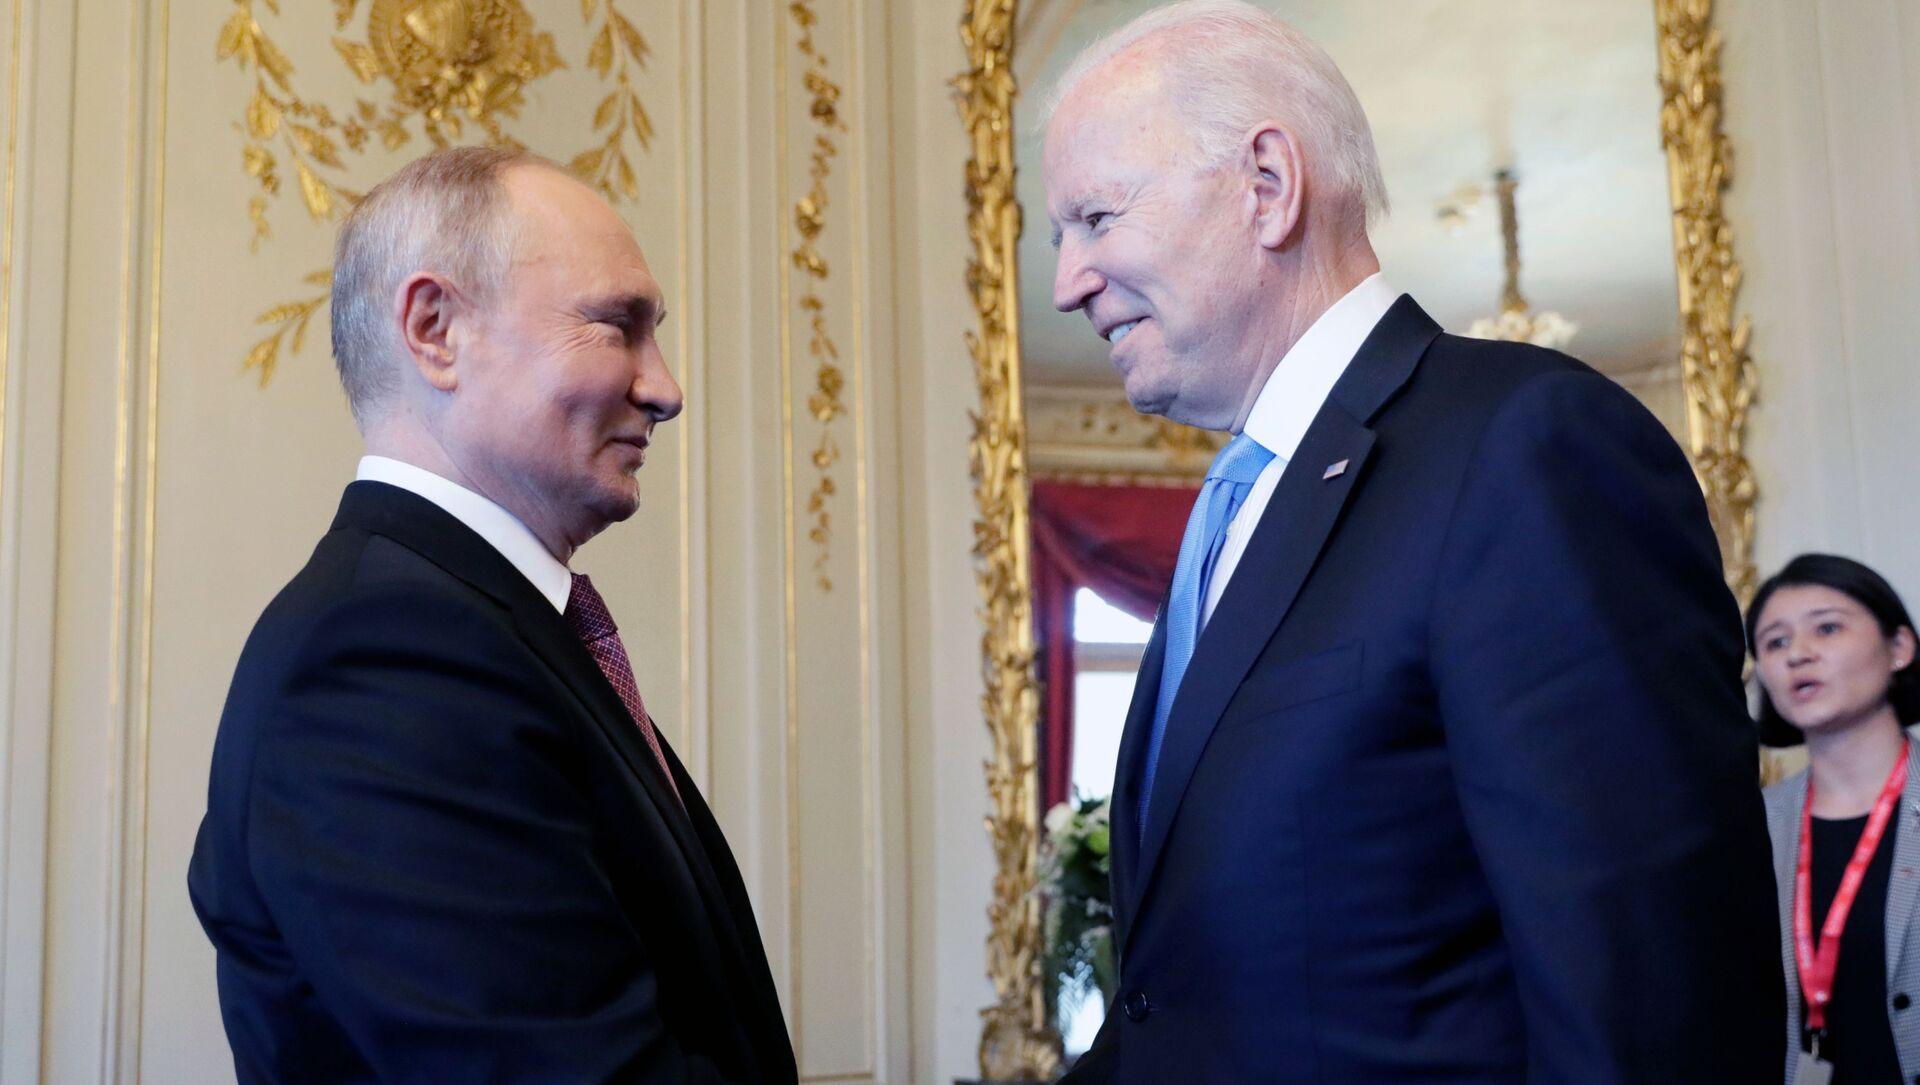 Cuộc gặp đầu tiên giữa hai vị Tổng thống Putin và Biden tại Geneva. - Sputnik Việt Nam, 1920, 01.10.2021